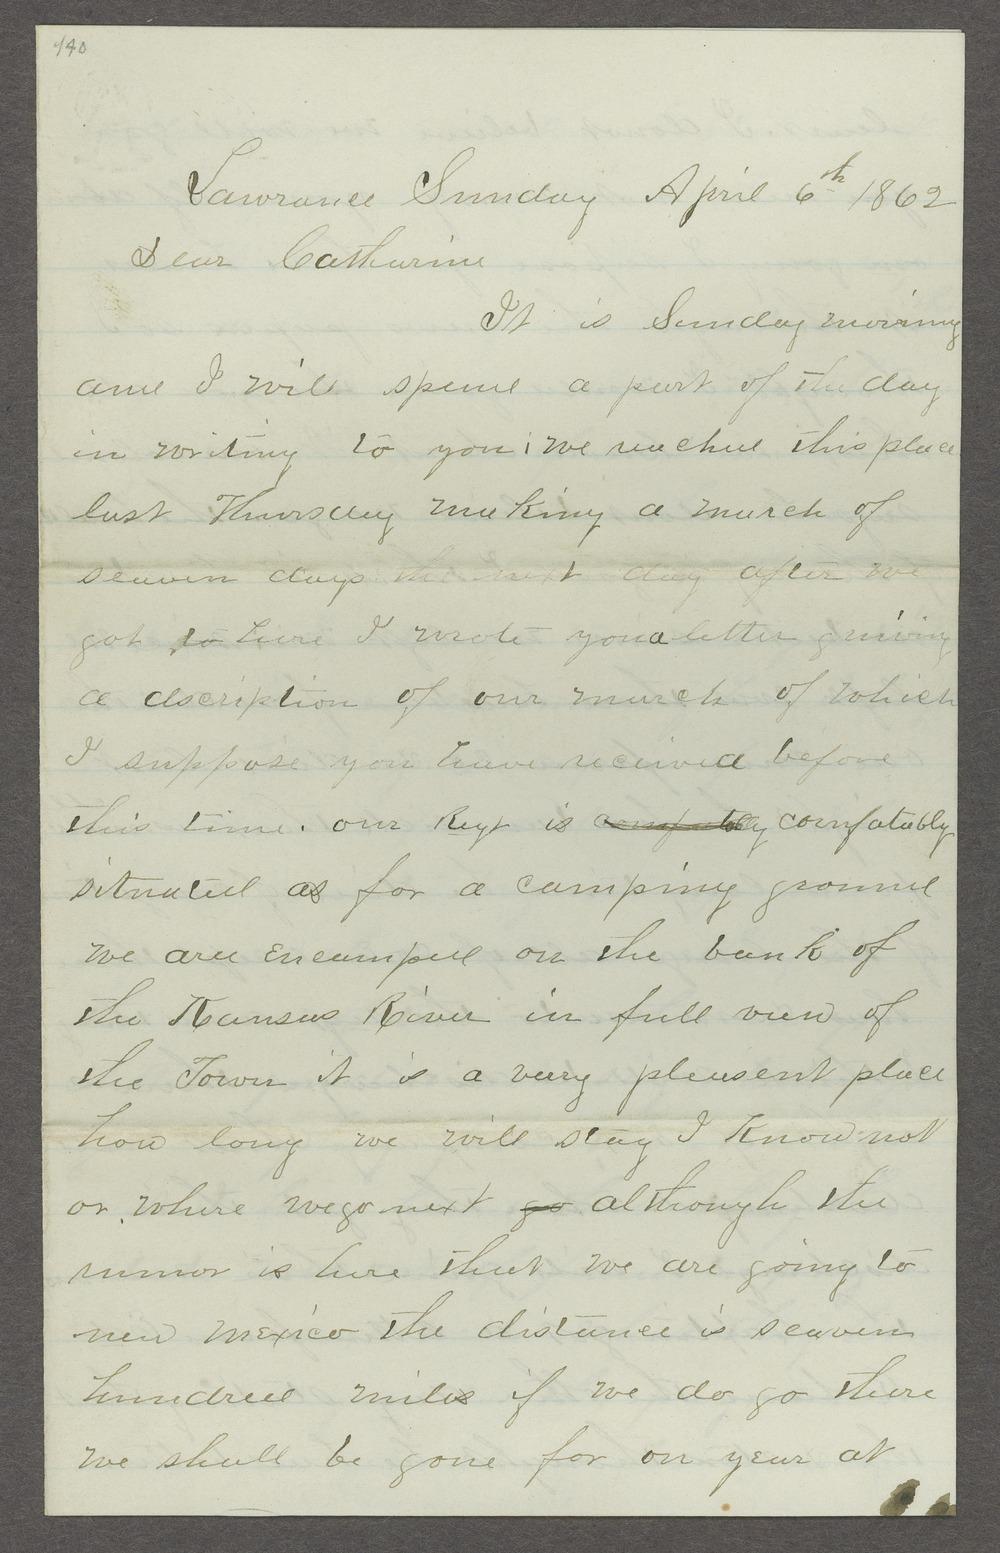 Aiken J. Sexton correspondence - 9